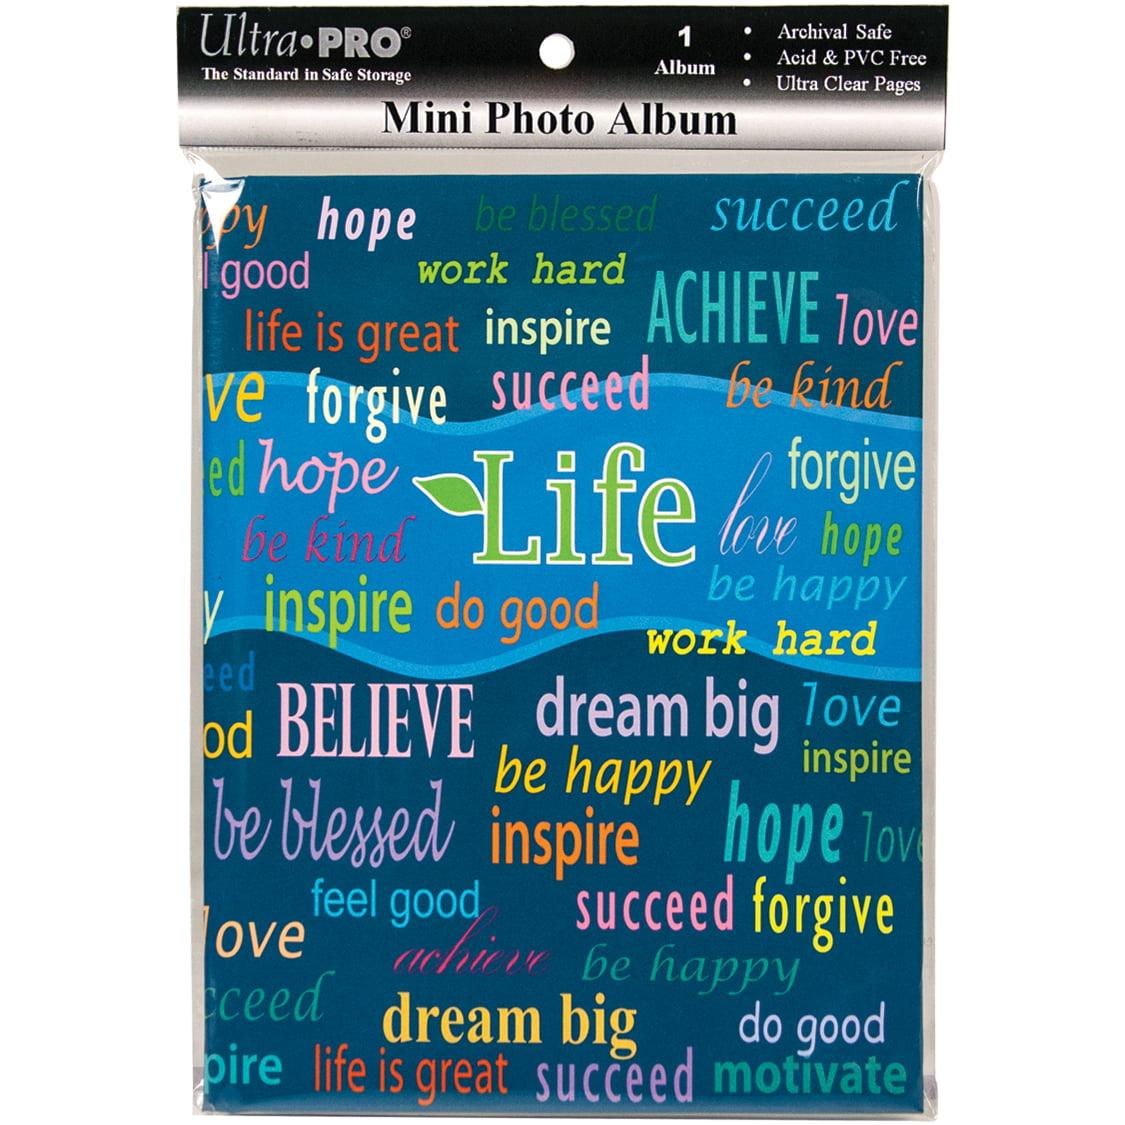 Ultra PRO 58202-R Mini Photo Album, 4 by 6-Inch, Life Multi-Colored